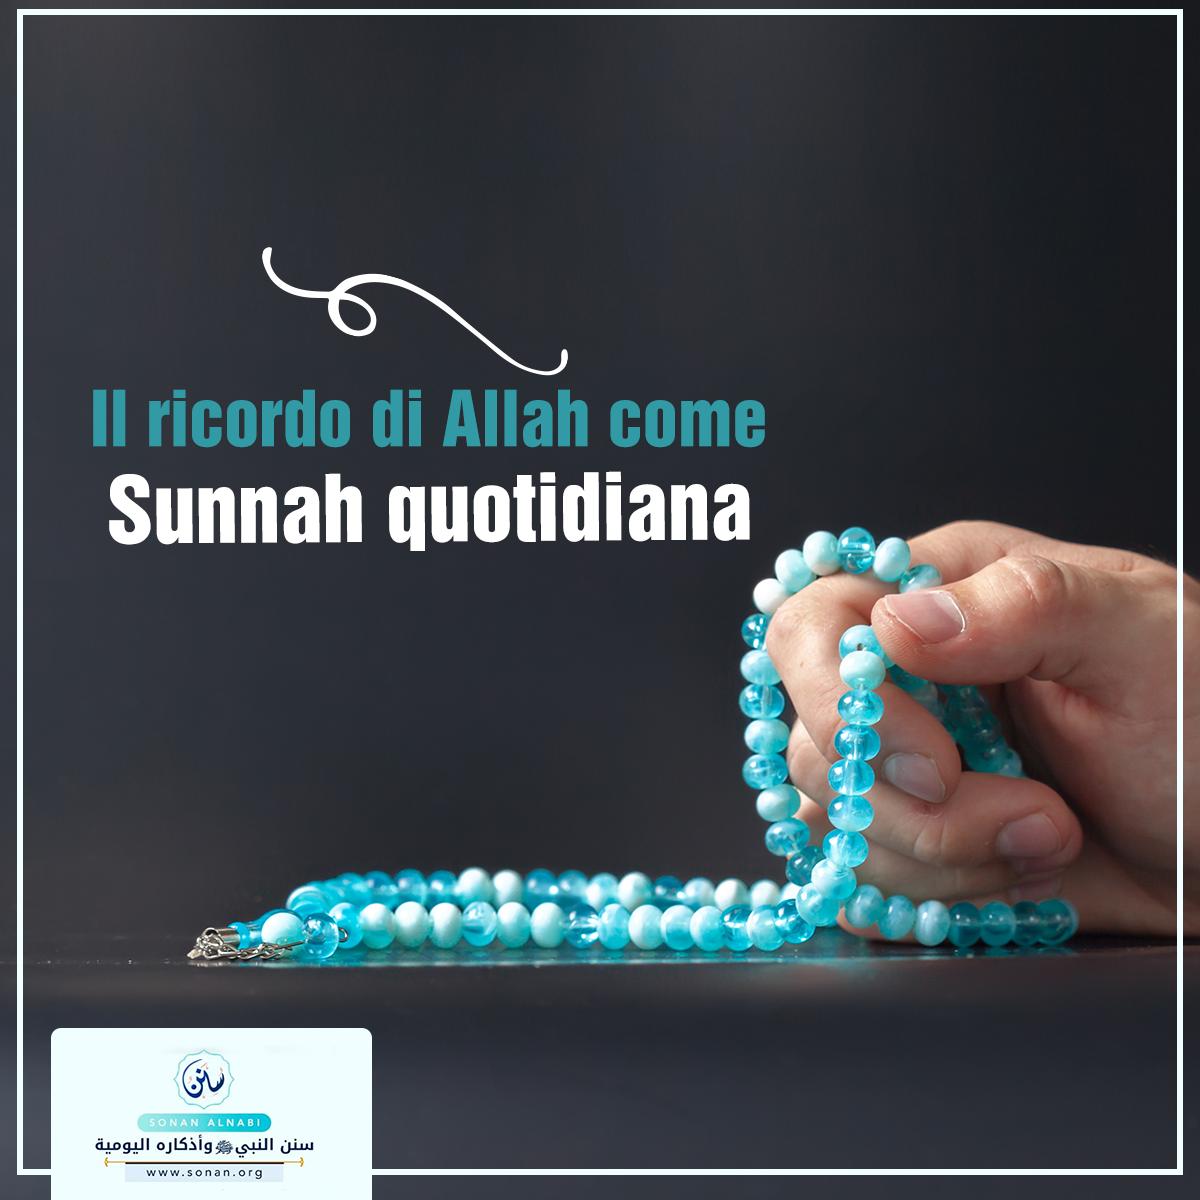 Il ricordo di Allah come Sunnah quotidiana